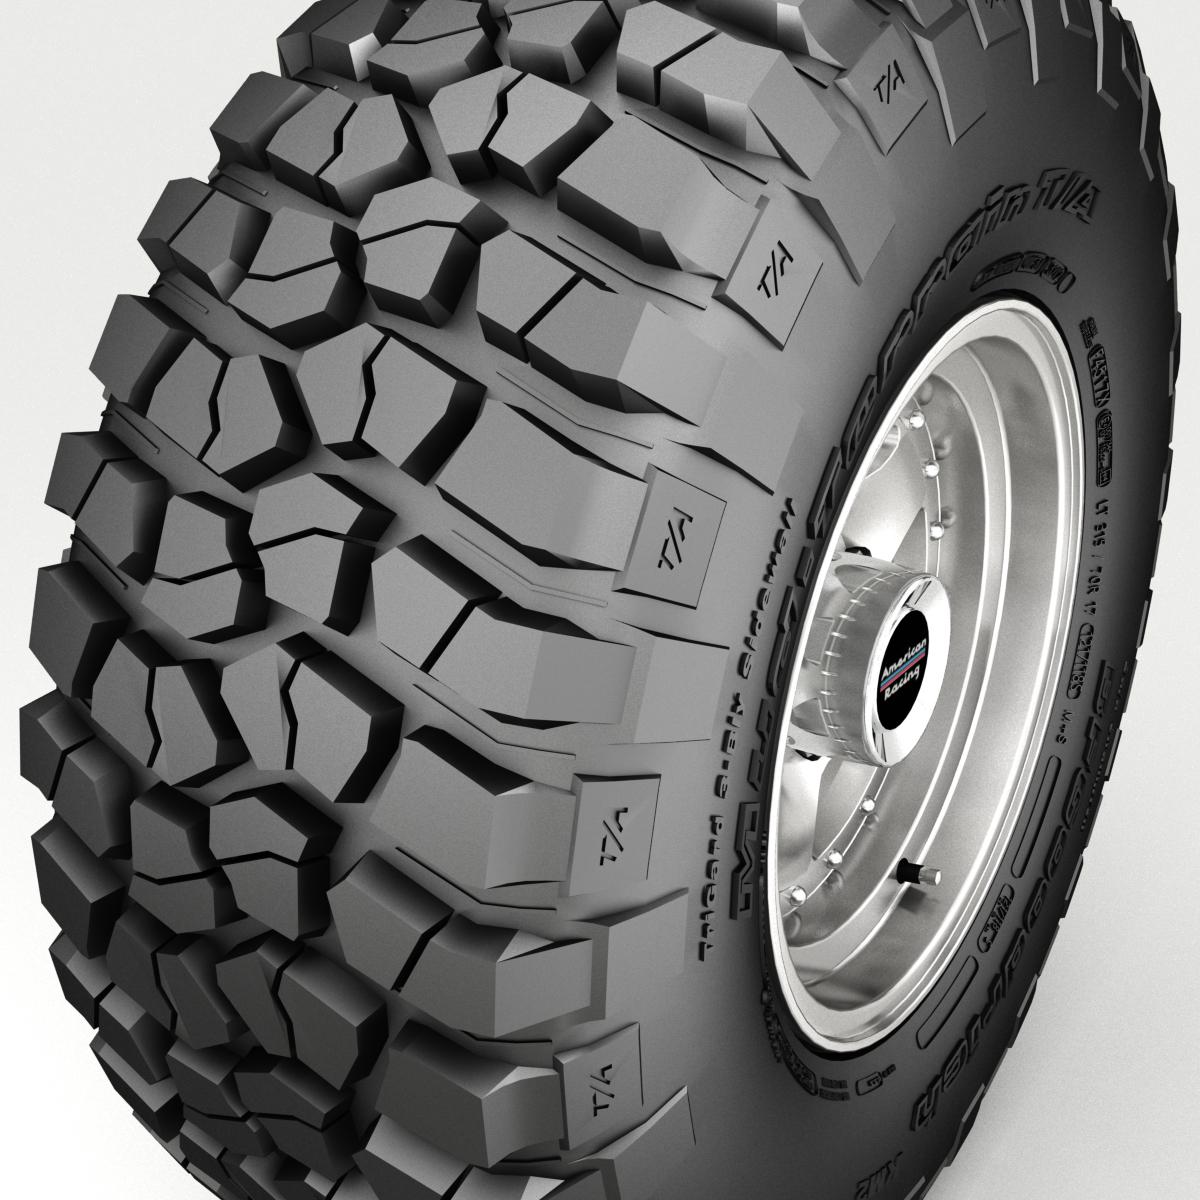 off road wheel and tire 3 3d model 3ds max fbx tga targa icb vda vst pix obj 224448